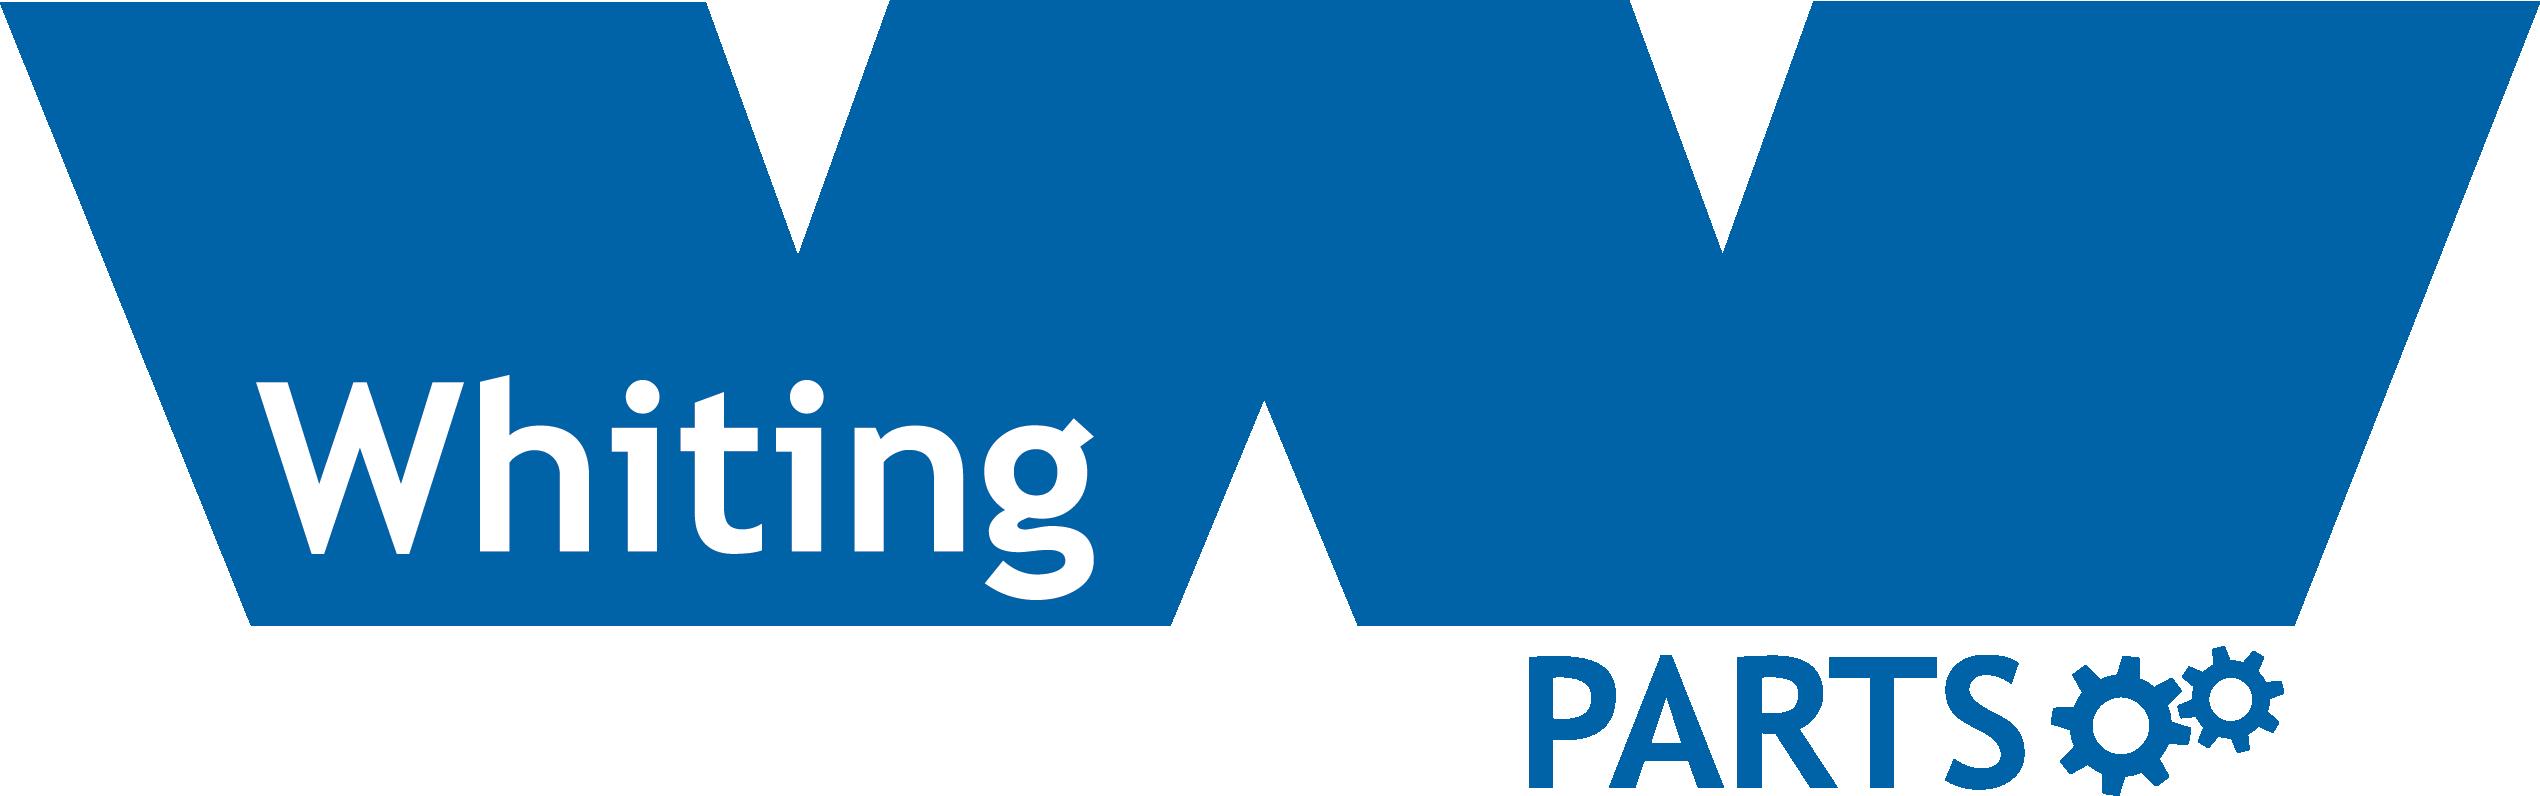 Whiting Parts Logo